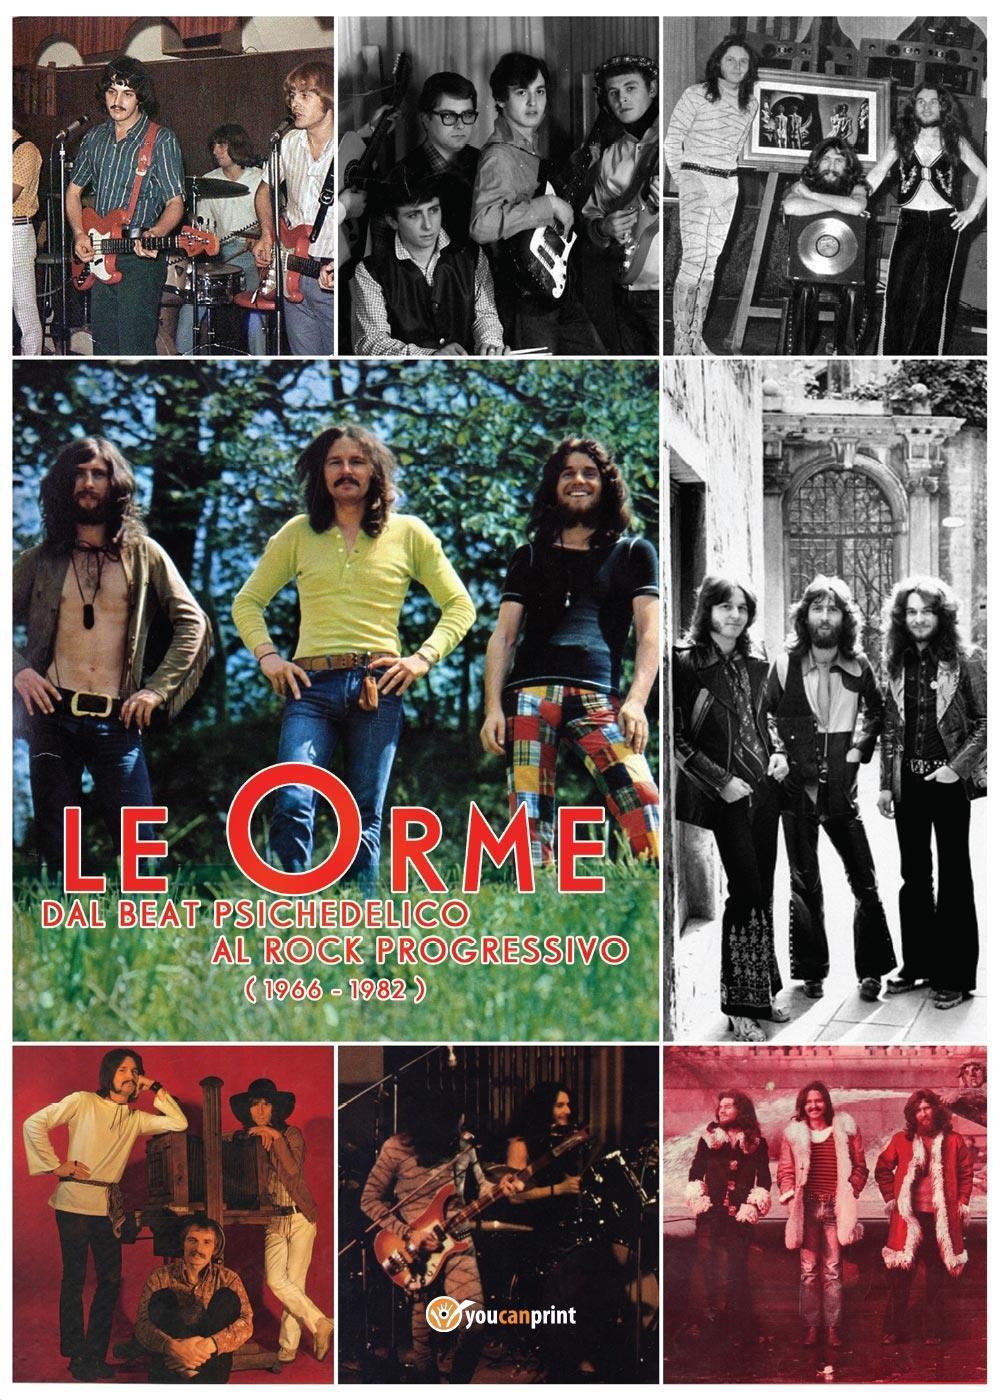 Le Orme - dal beat psichedelico al rock progressivo (1966-1982)